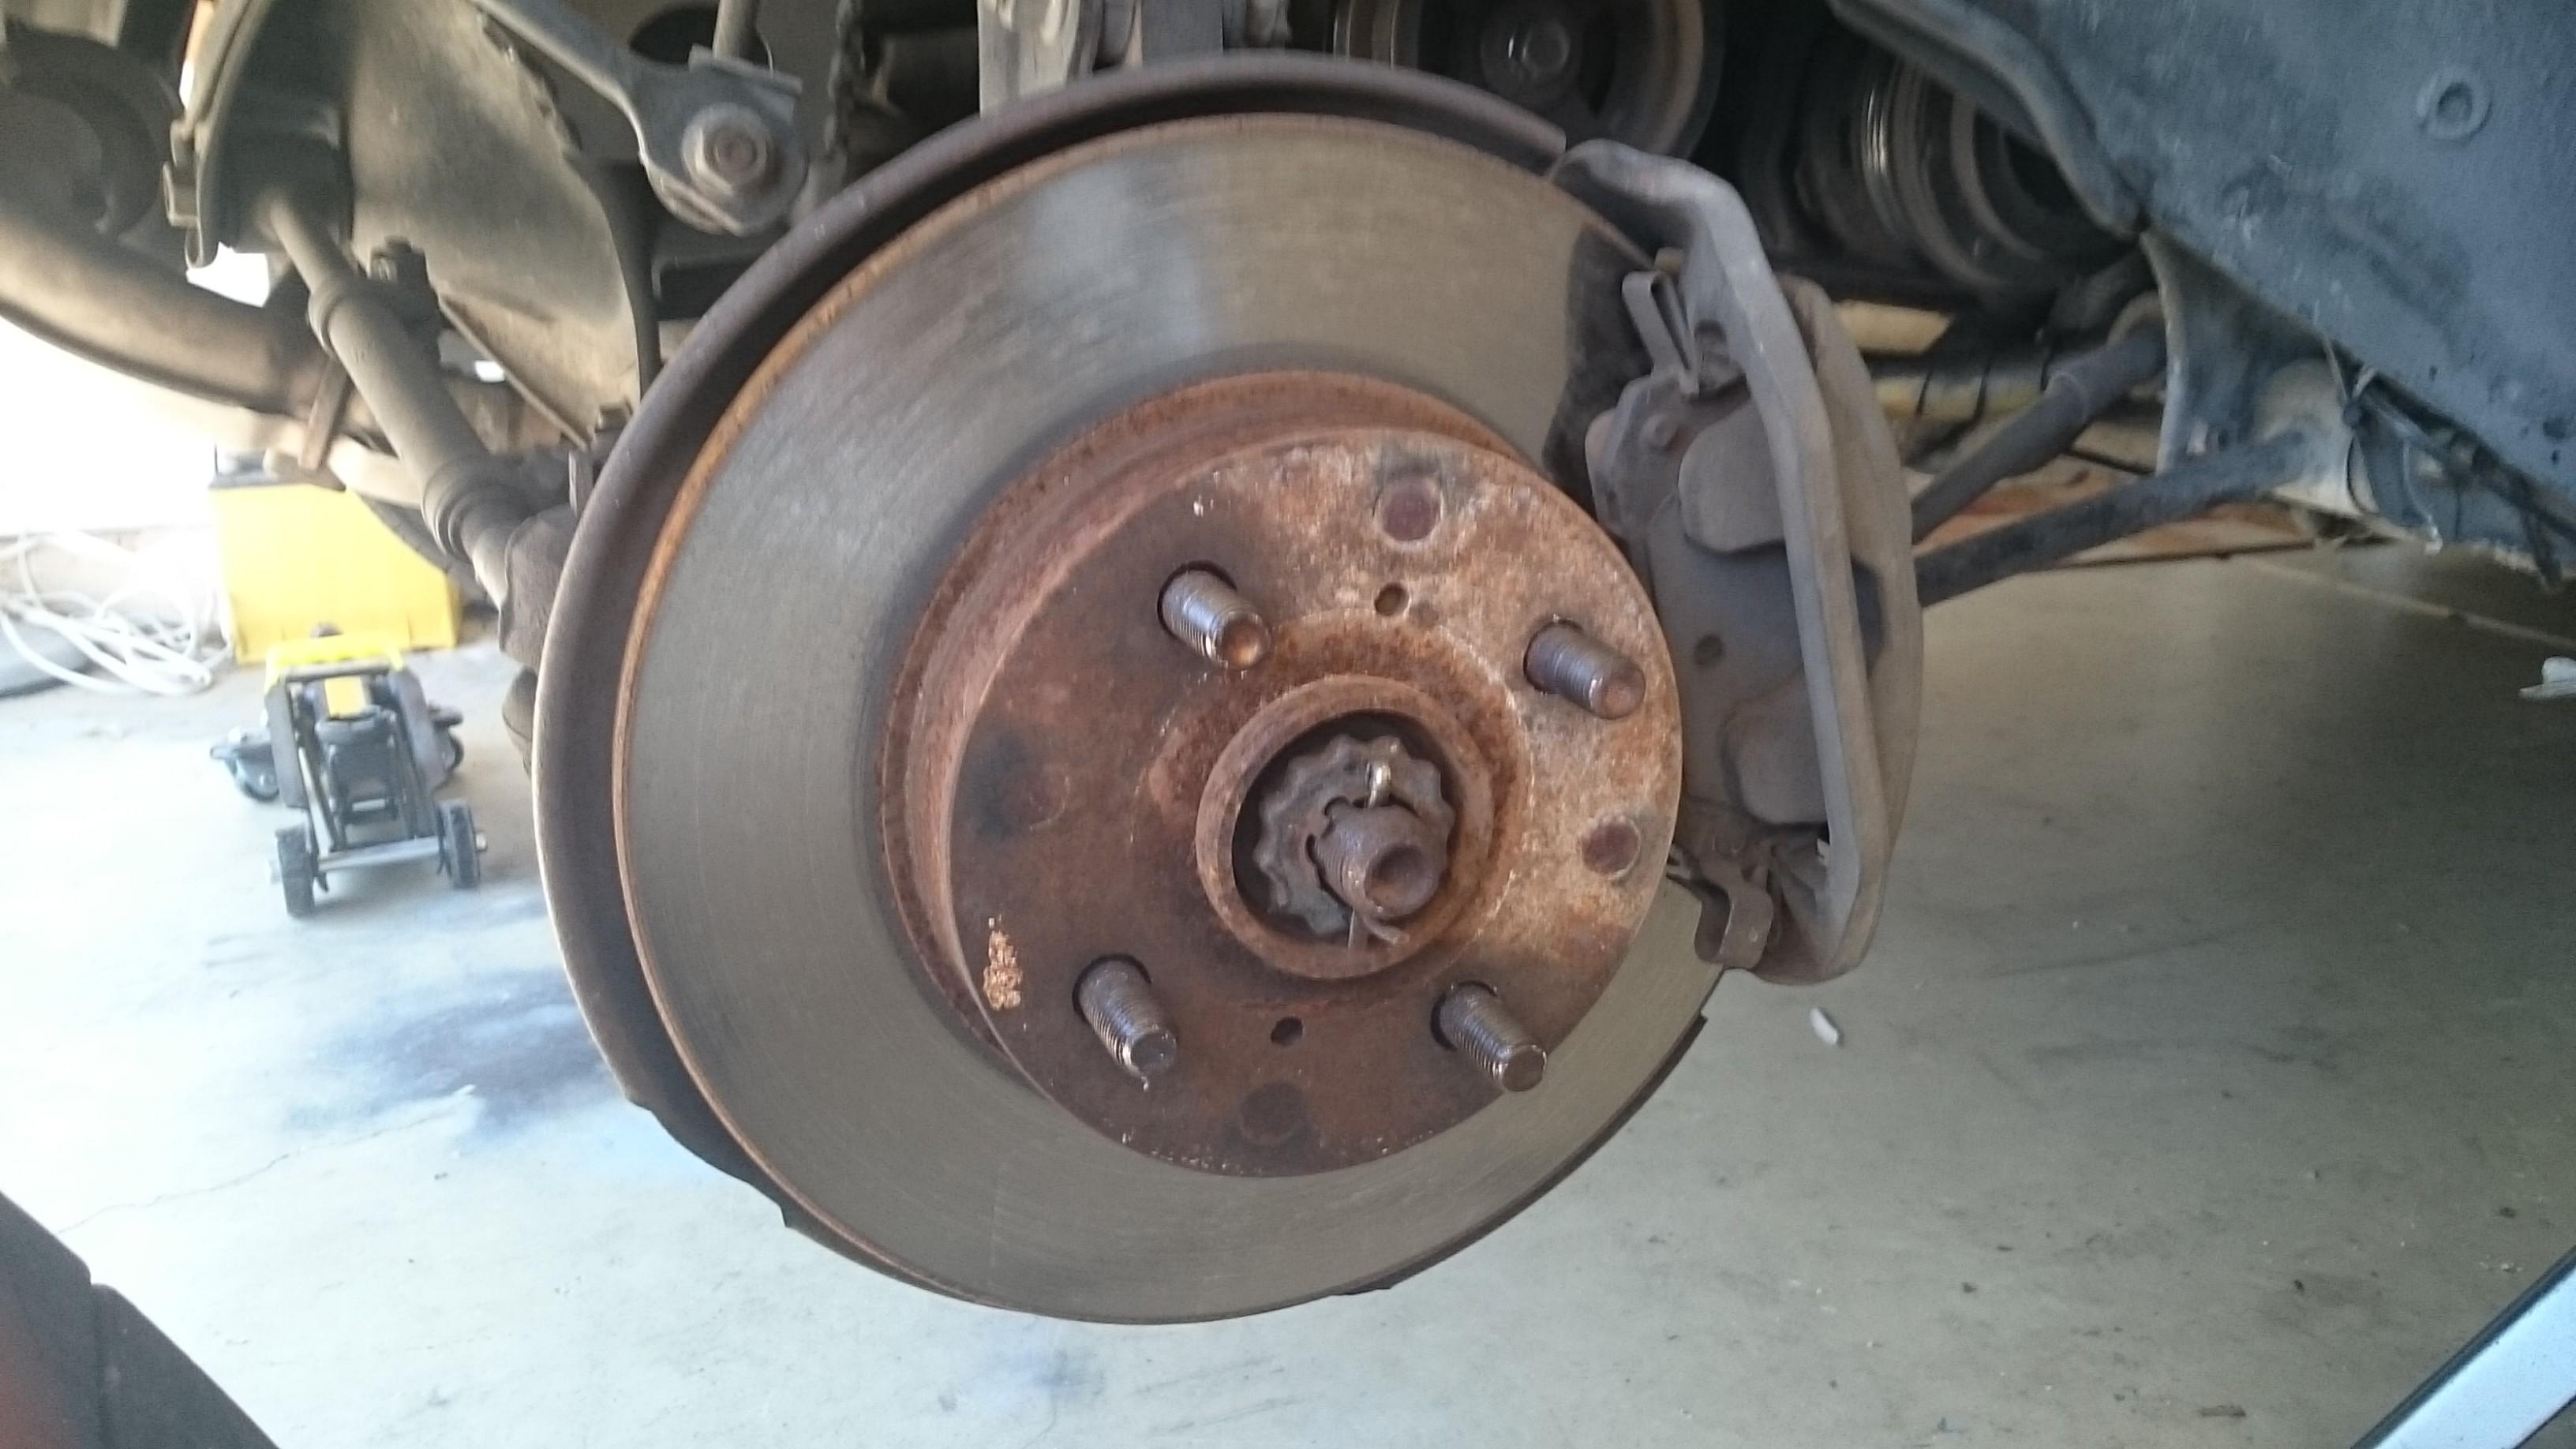 Car Disc Brakes Diagram Brakes – Pads Rotors and Fluid – Mr2 Run Of Car Disc Brakes Diagram